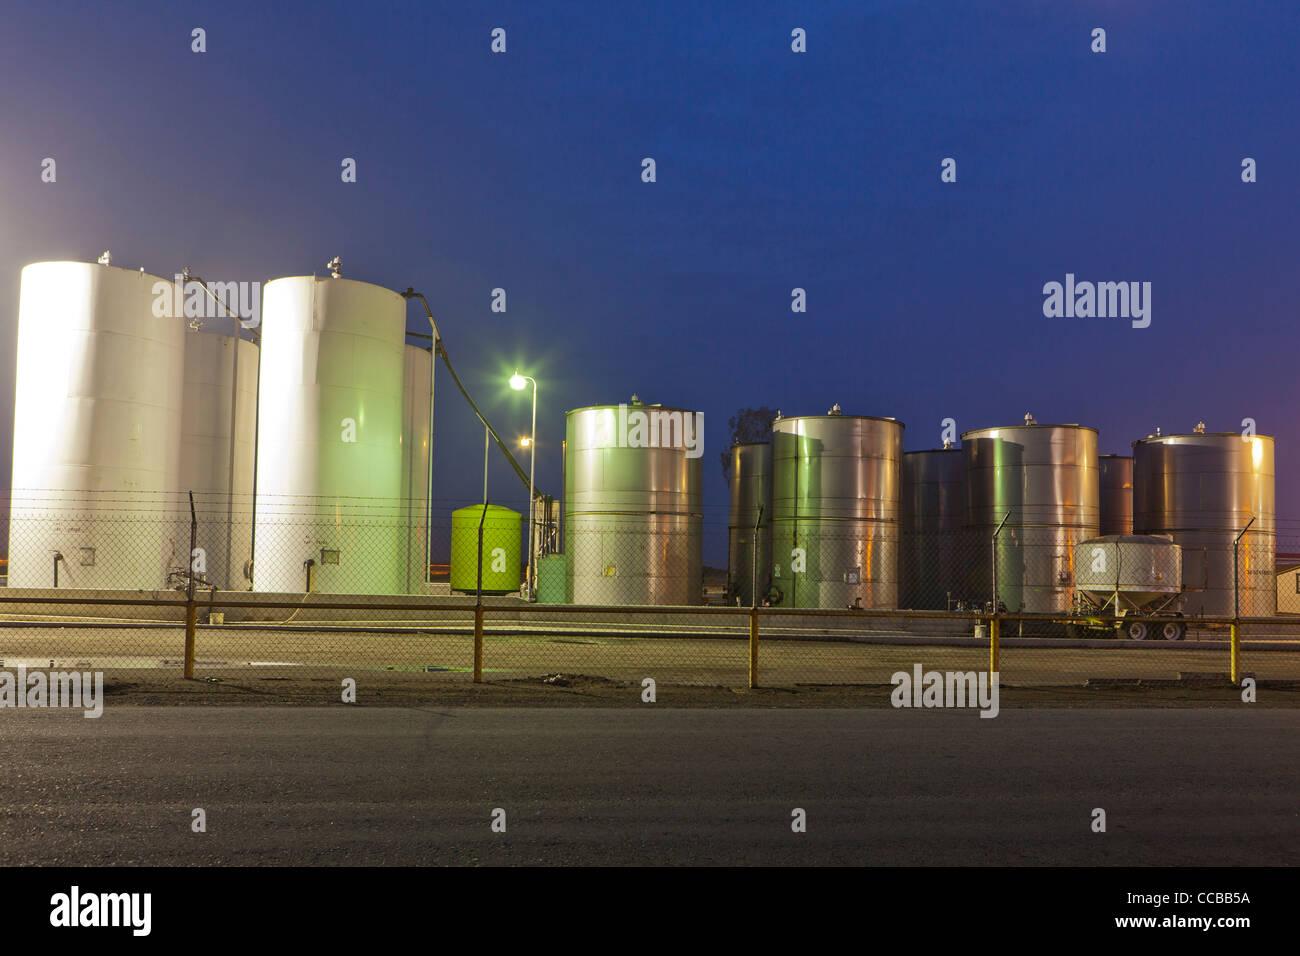 La taille des réservoirs de produits chimiques en acier inoxydable Photo Stock